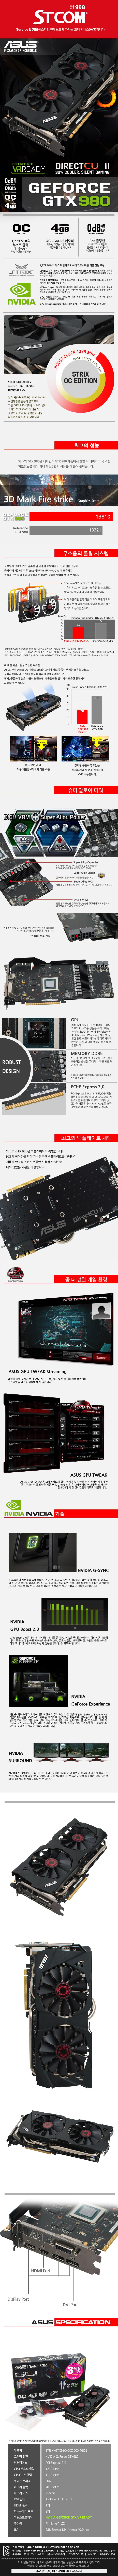 strix-gtx980-4g